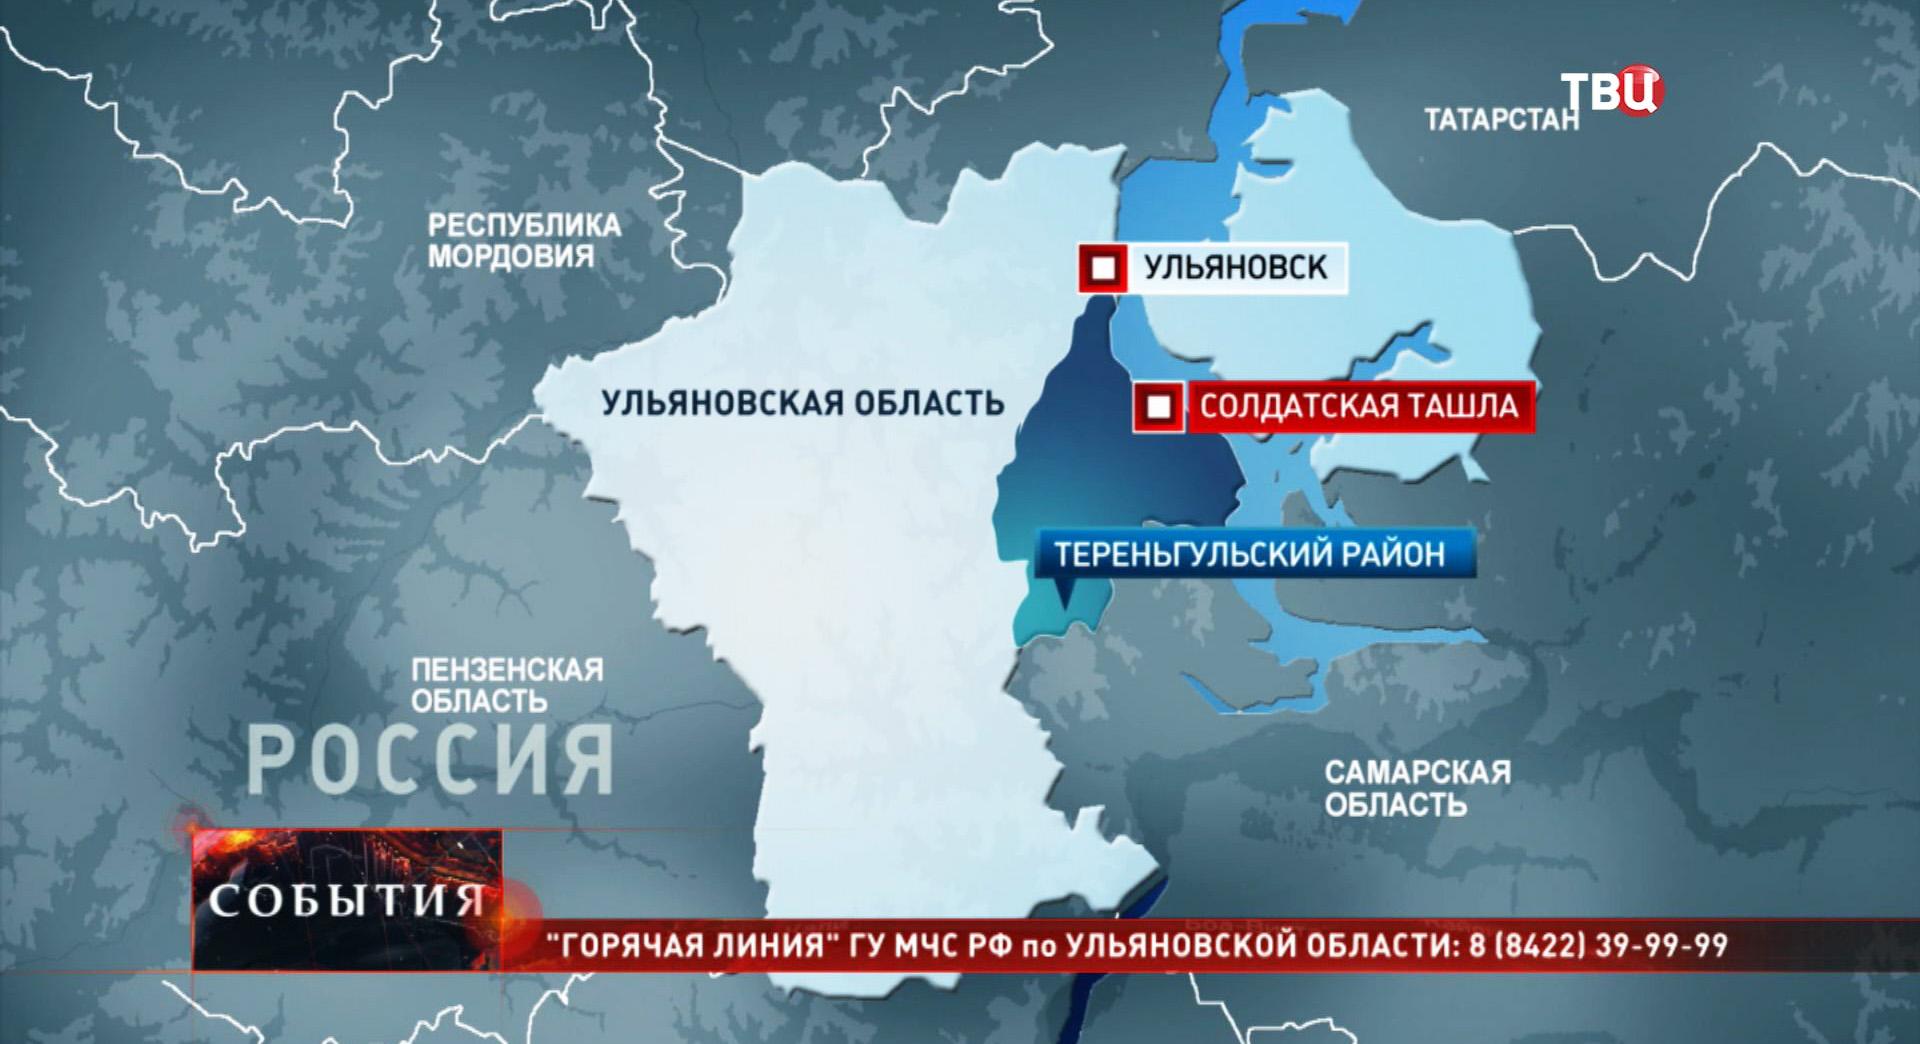 ДТП в населенном пункте Солдатская Ташла Ульяновской области